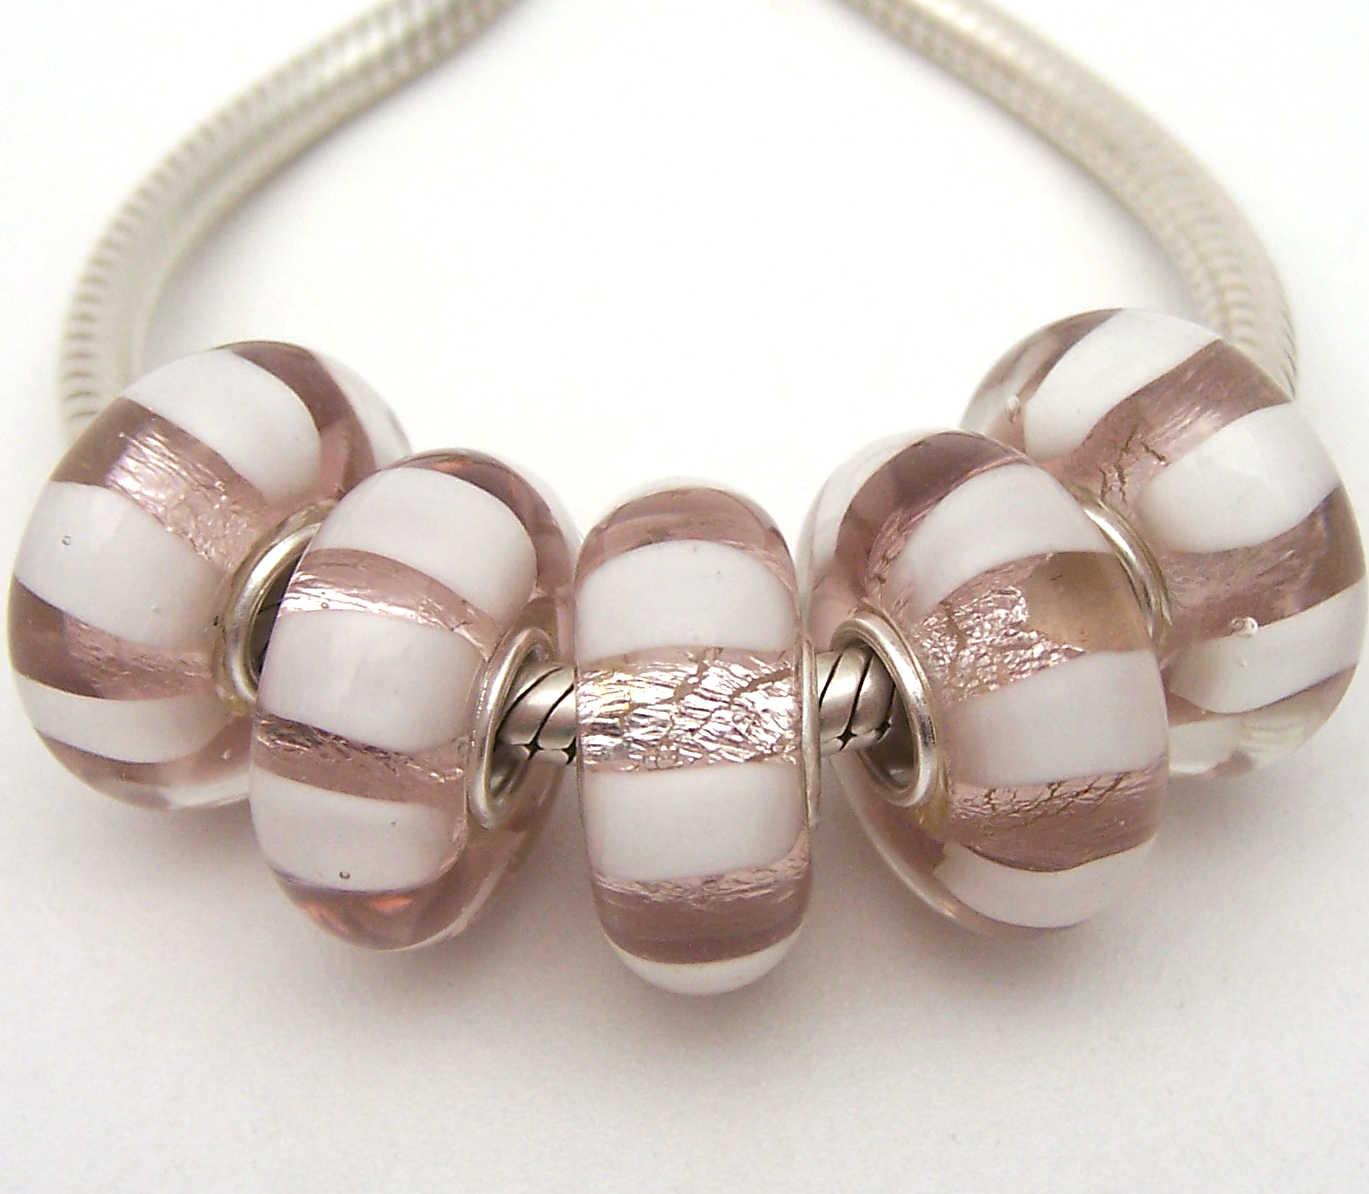 JGWGT 1935 5X 100% Autenticità S925 Sterling Silver Perle di Murano perle di Vetro Europeo Adatto Pendenti e Ciondoli Braccialetto di diy dei monili di Lampwork